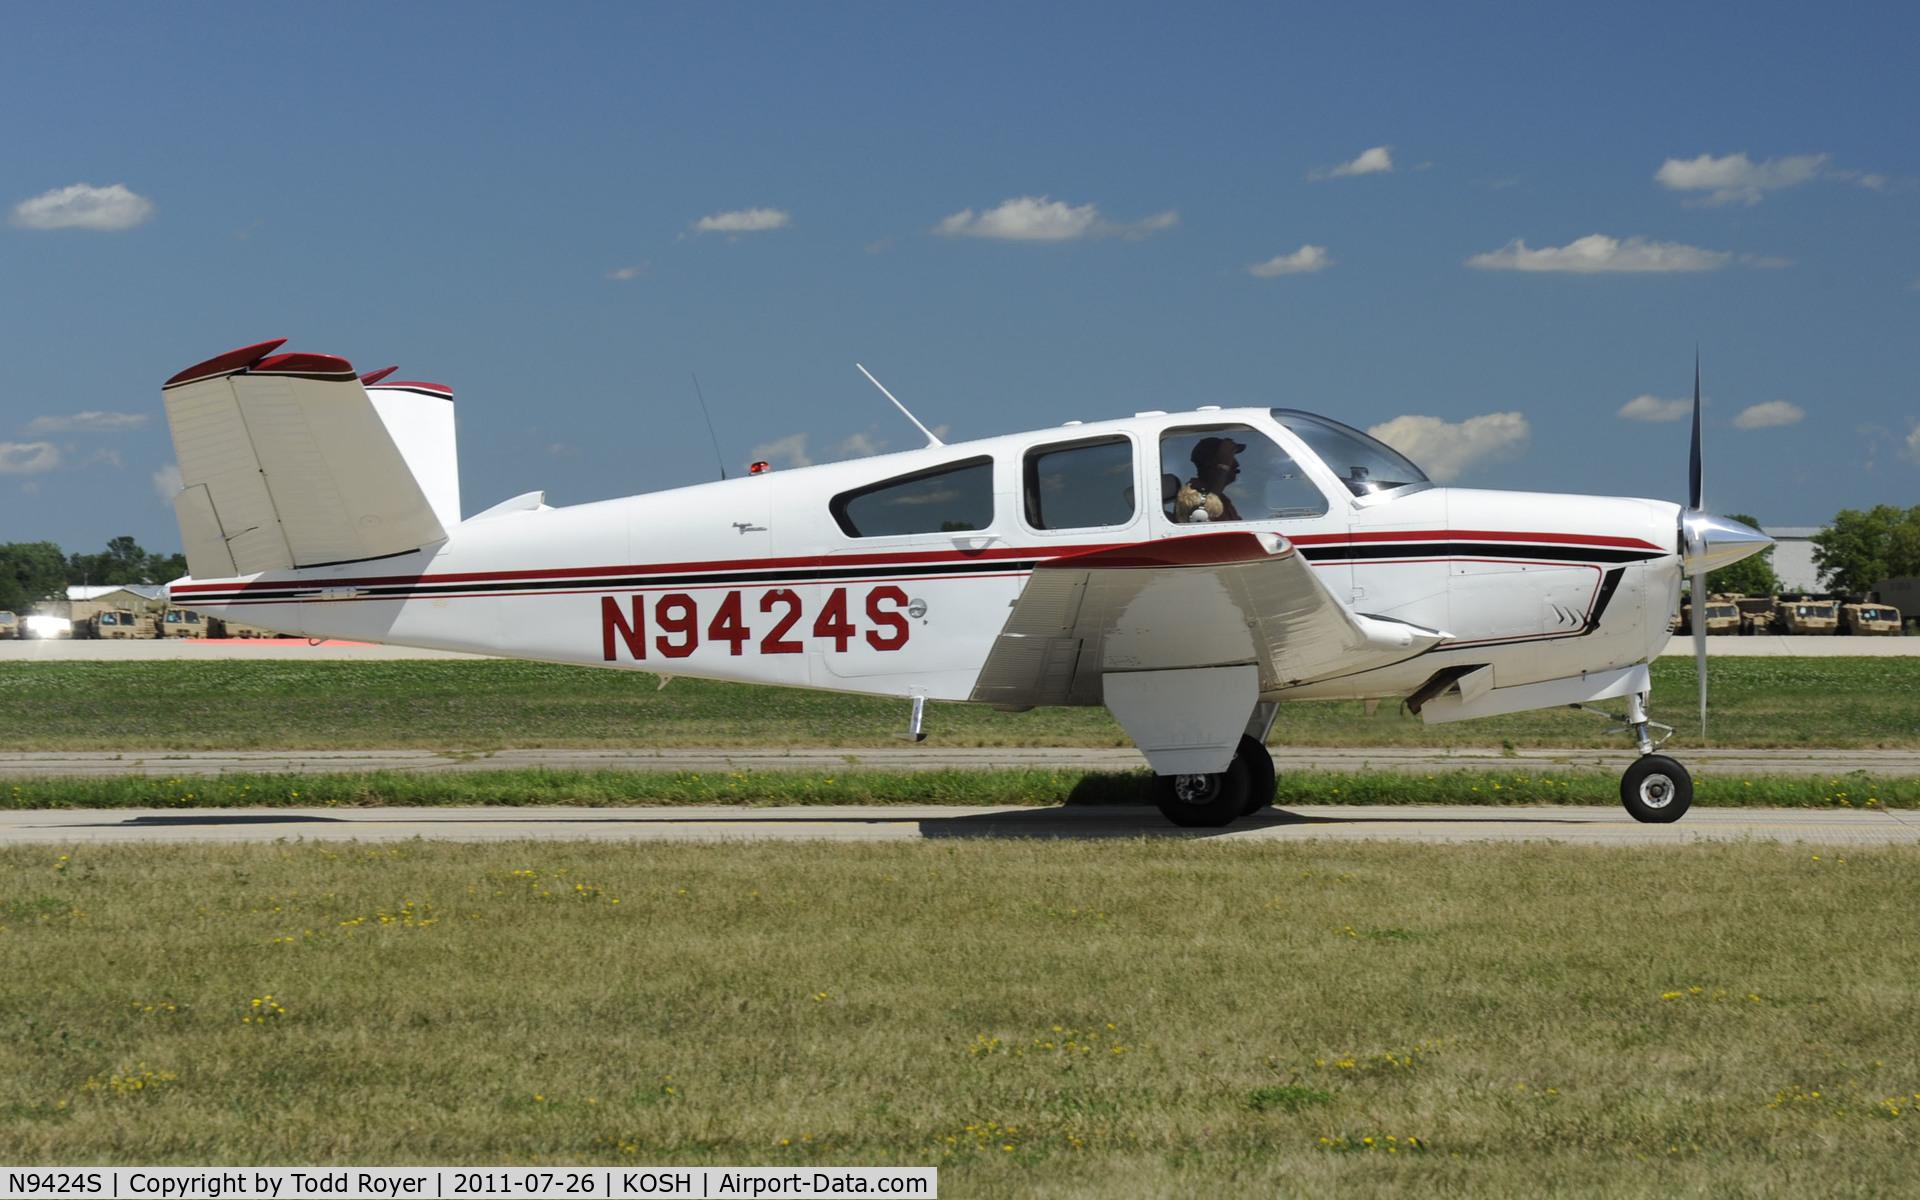 N9424S, 1965 Beech V35 Bonanza C/N D-8022, AIRVENTURE 2011